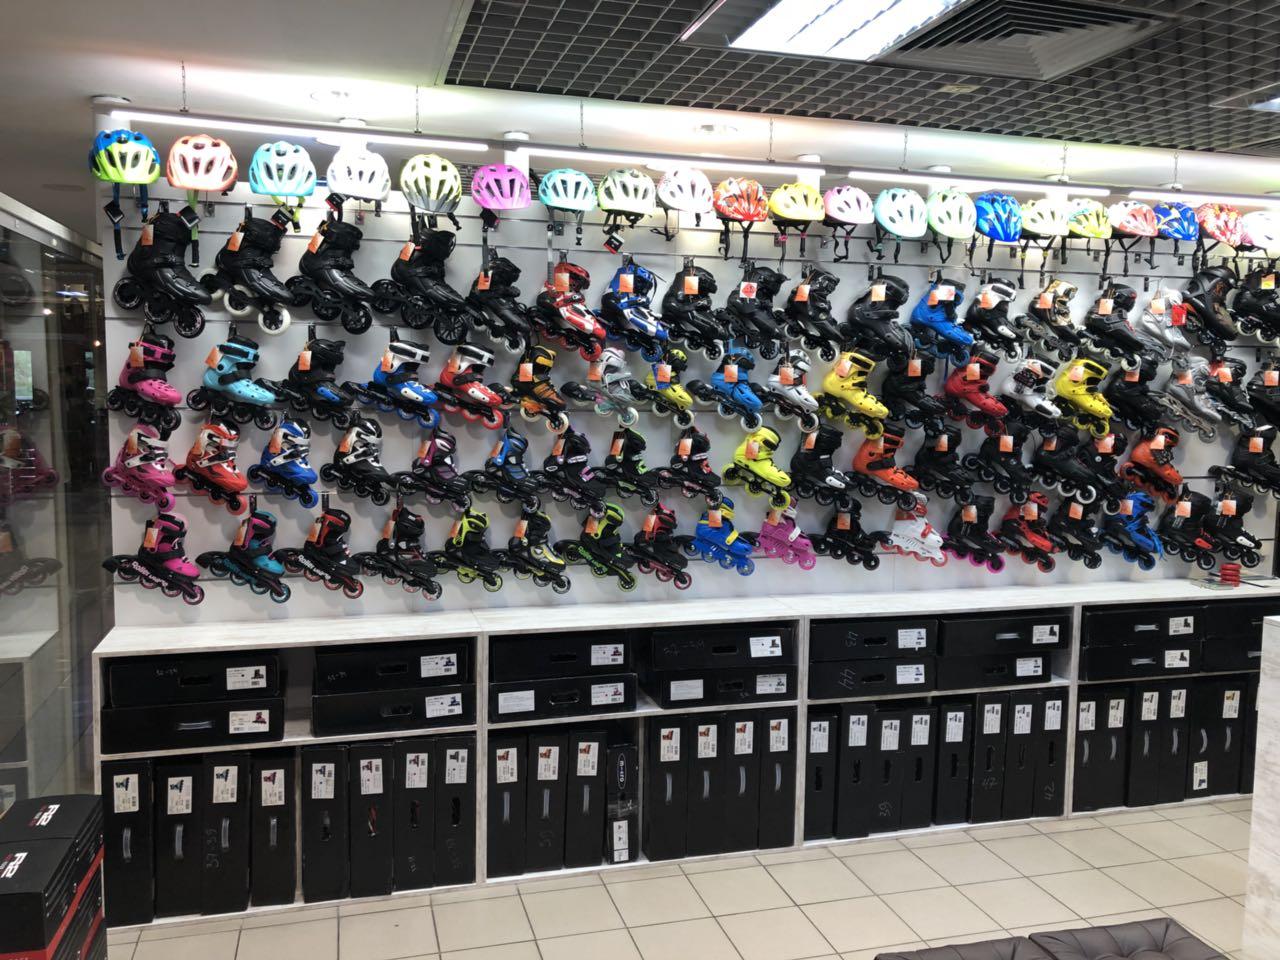 Магазин роликов метро Оболонь Rollerclub shop